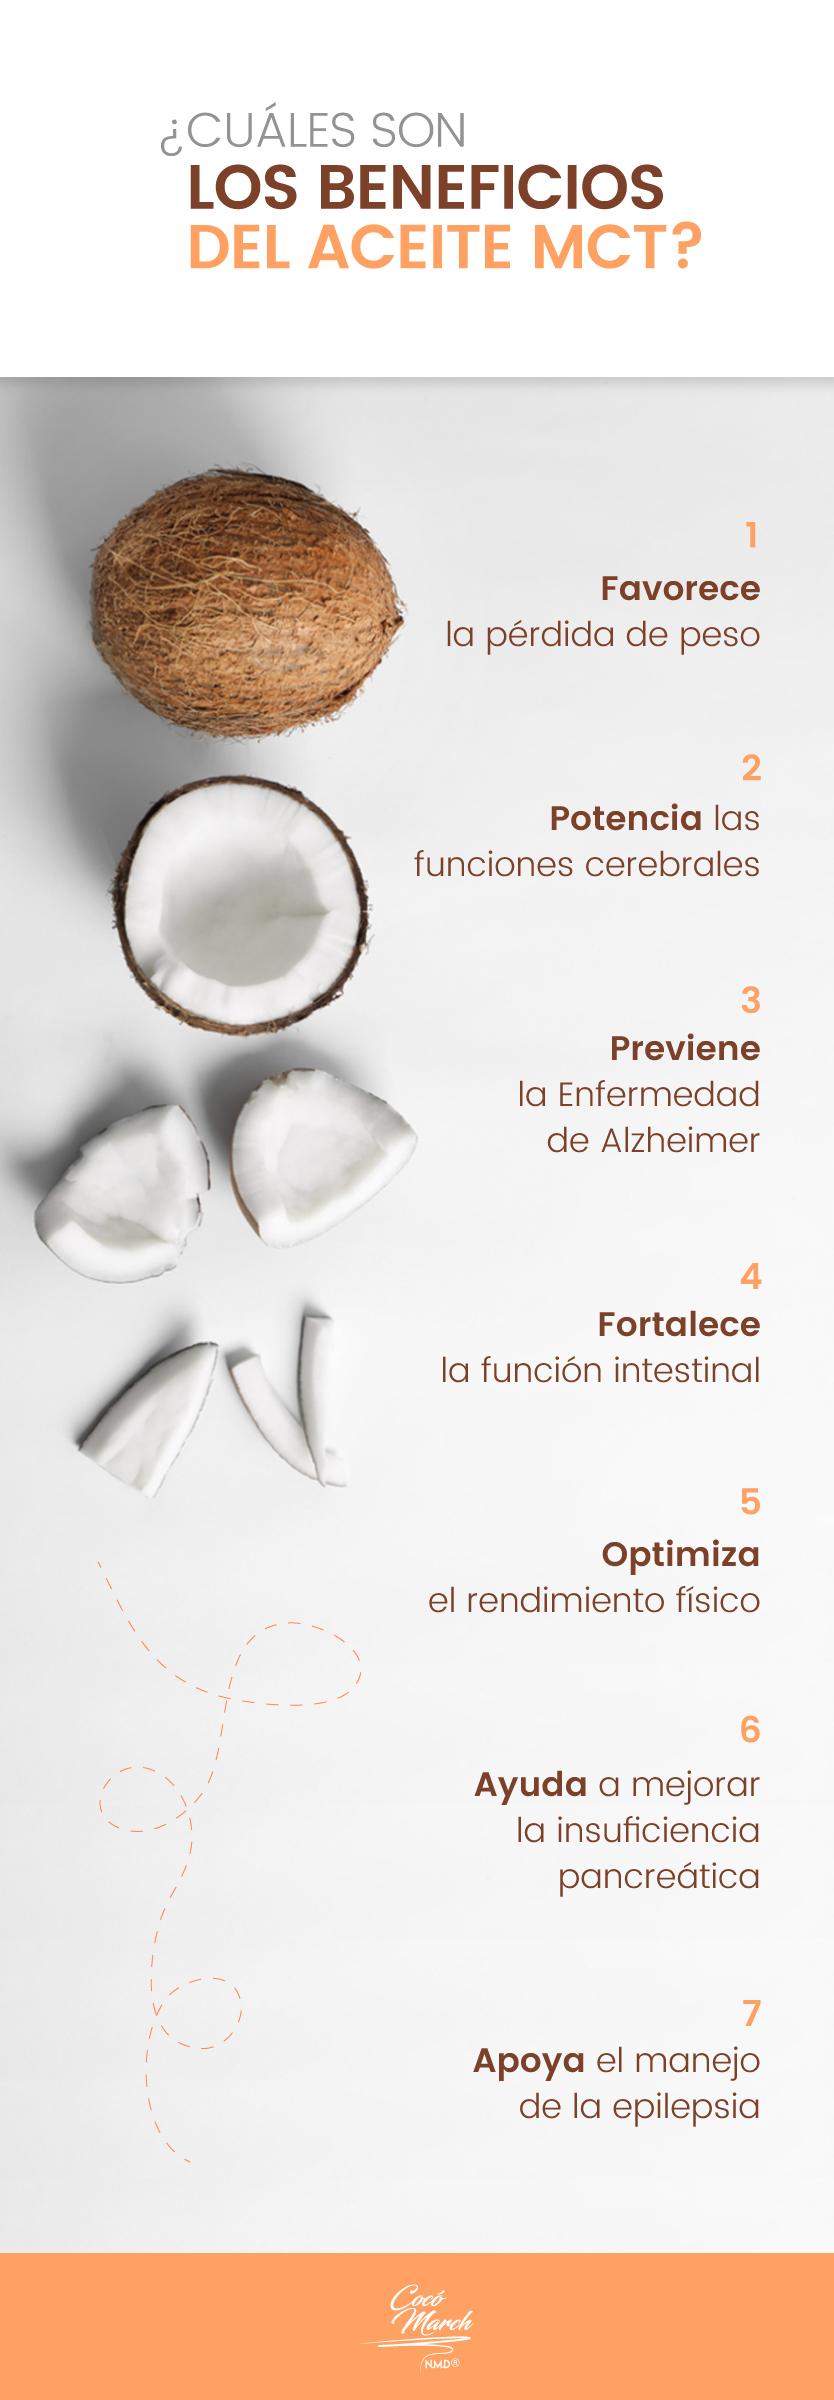 aceite-mct-beneficios